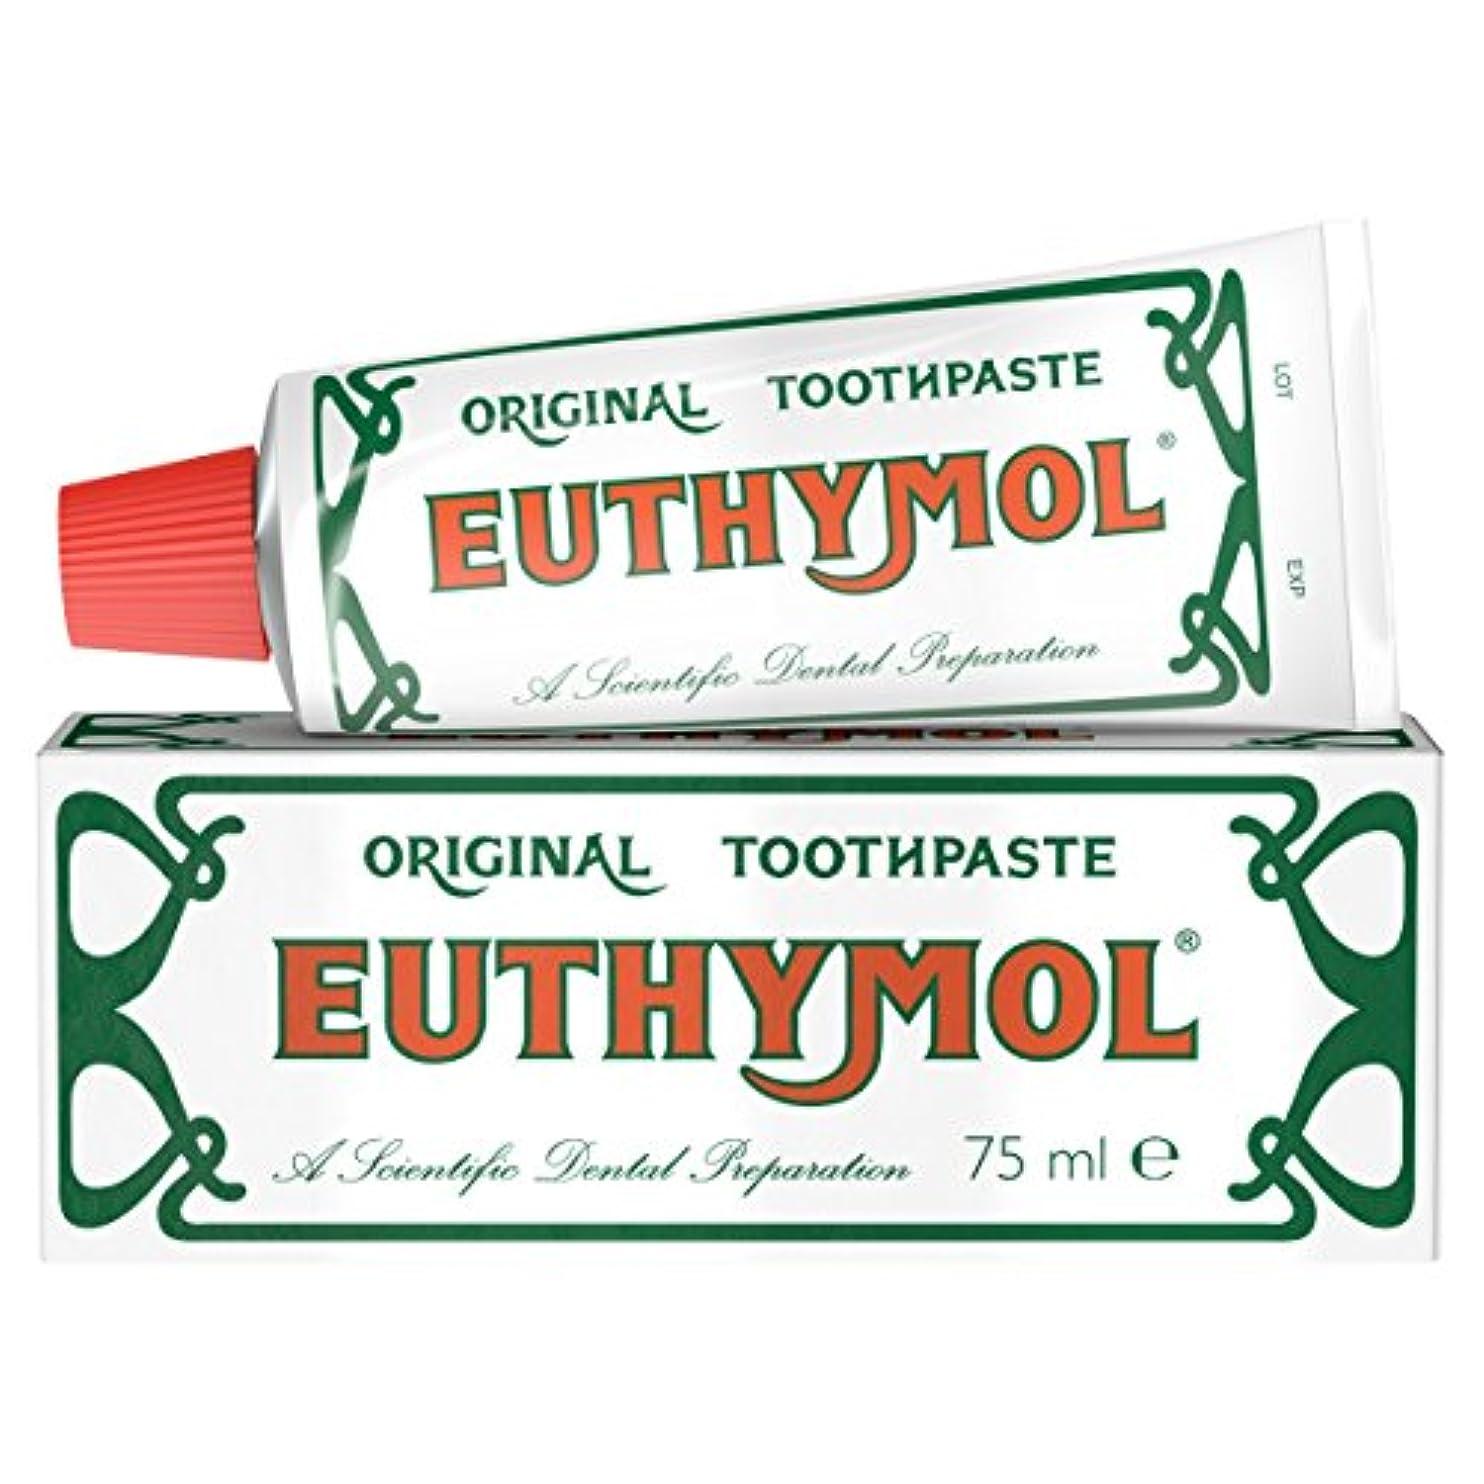 規則性ハチメッセージEuthymol オリジナル歯磨き粉 75ml 並行輸入品 Euthymol Original Toothpaste 75 Ml